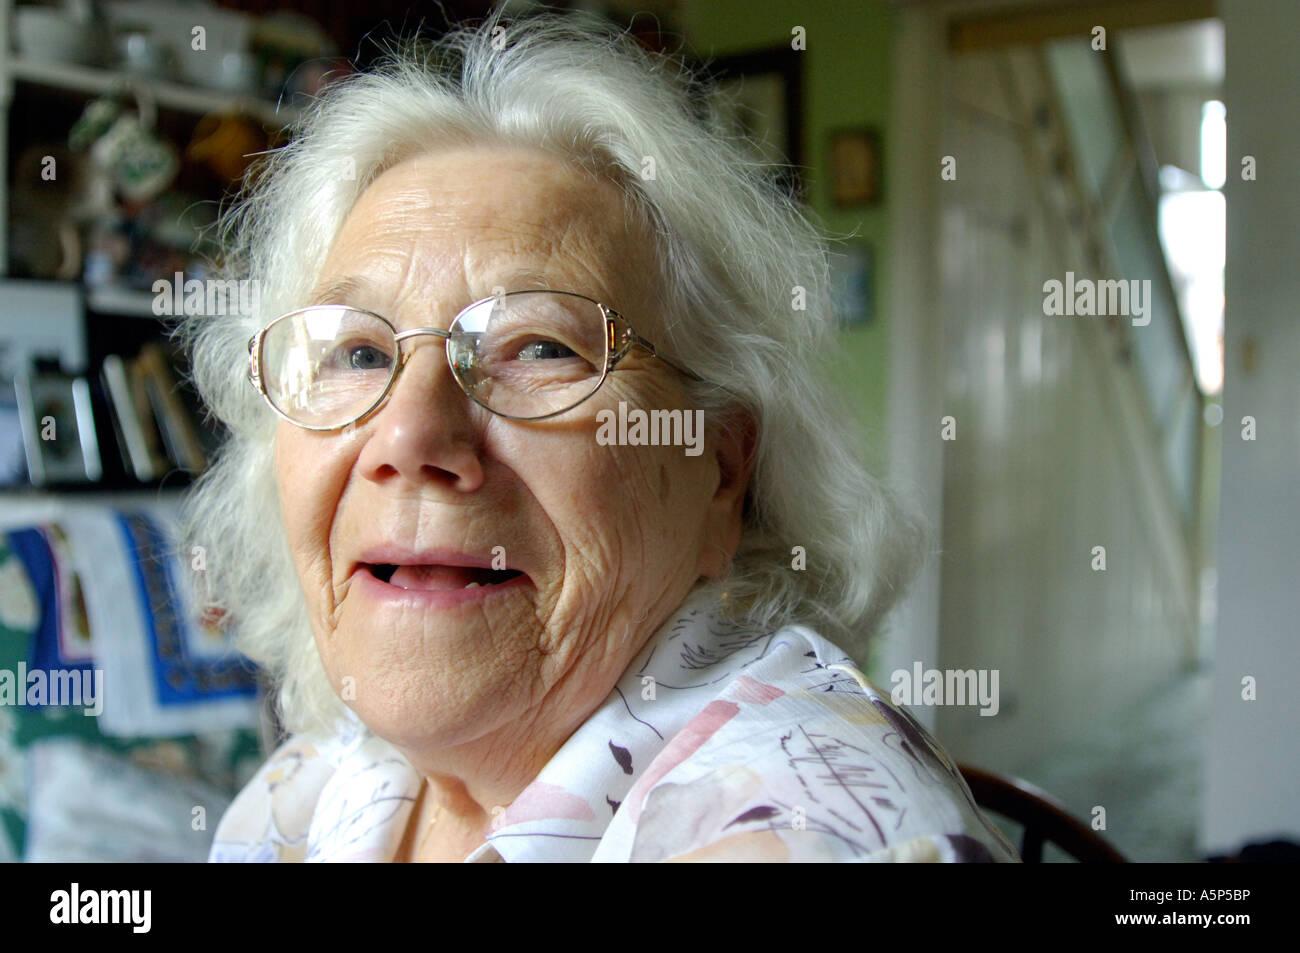 Porträt von glücklich lächelnde britische Rentner in ihrem Haus in London UK Stockbild